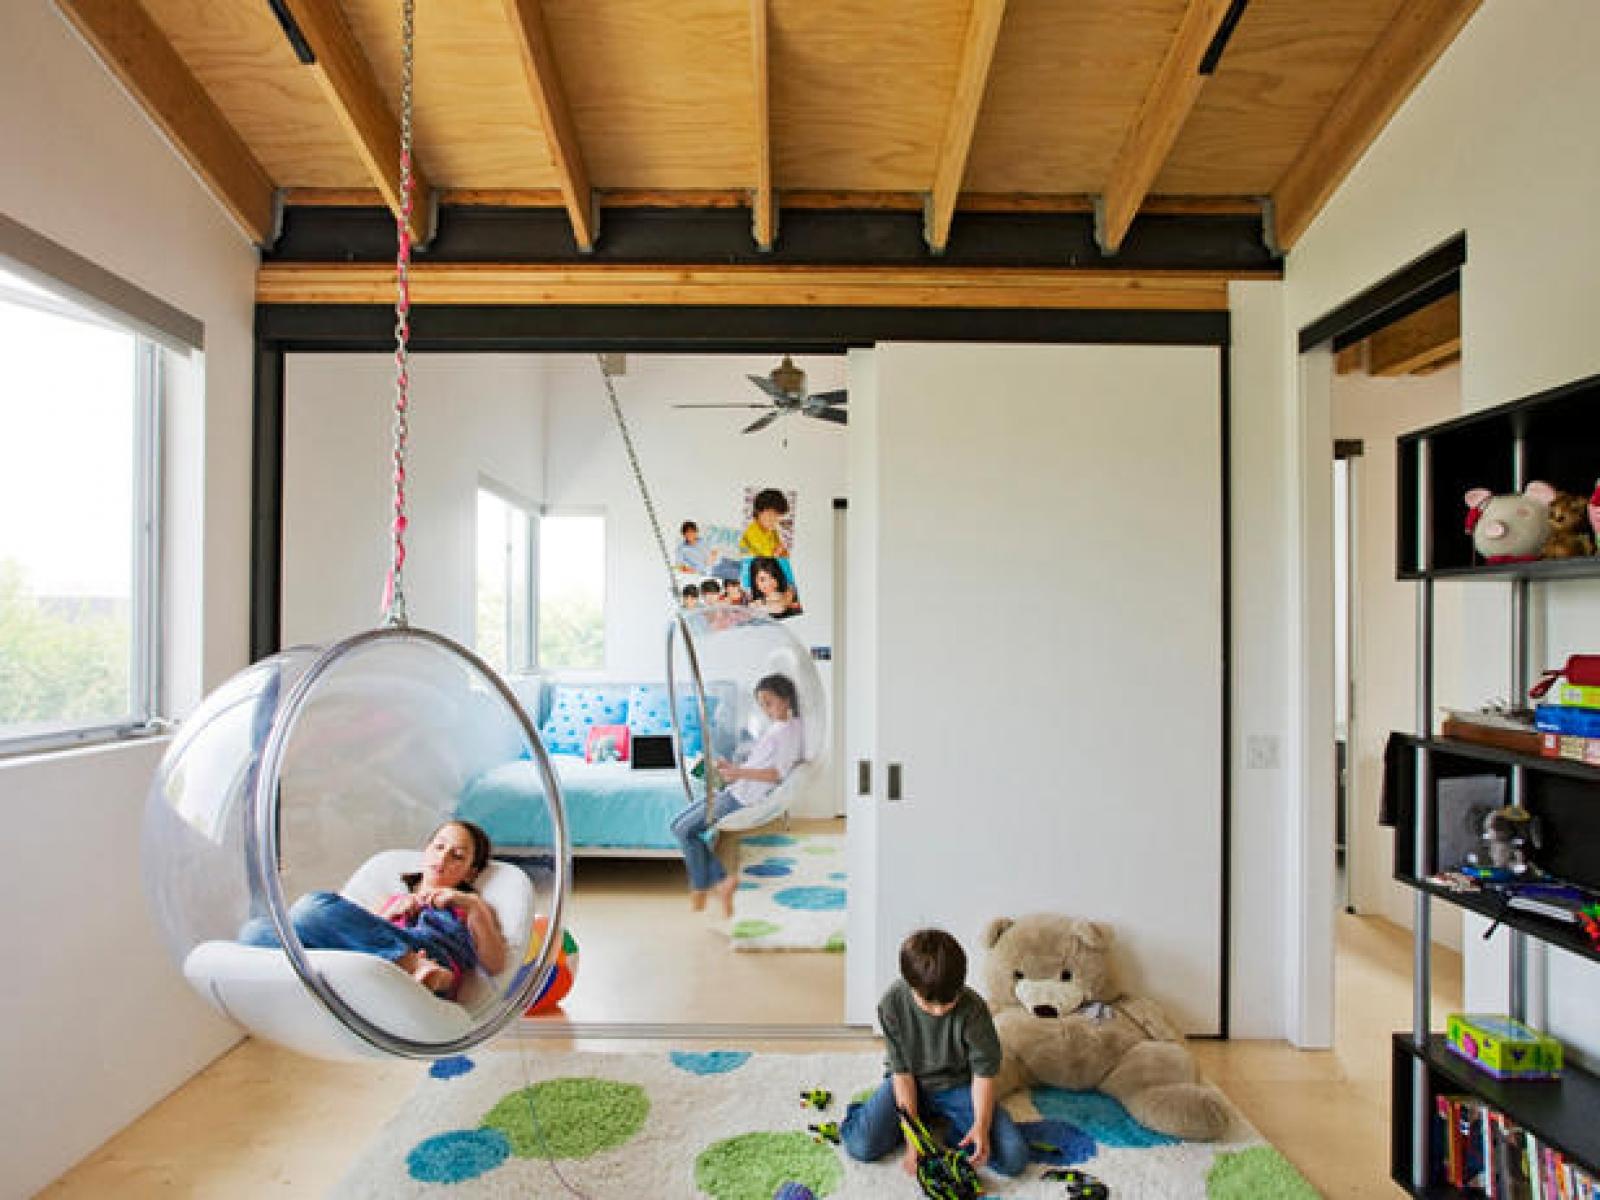 Как легко и просто превратить детскую комнату в мечту каждого ребенка